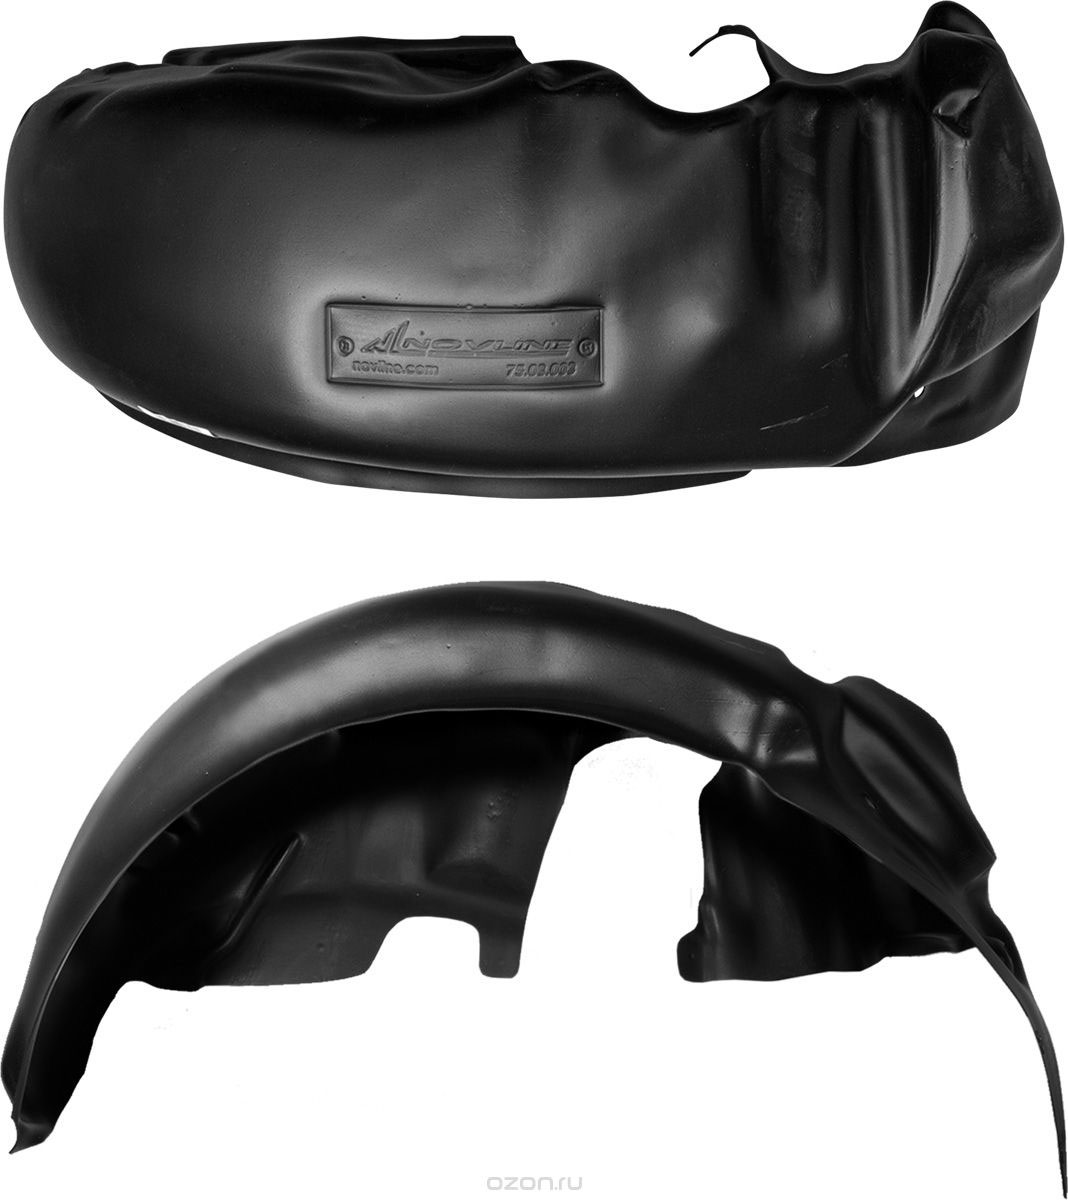 Подкрылок Novline-Autofamily, для NISSAN Tiida, 03/2015->, хэтчбек, задний левыйNLL.36.49.003Идеальная защита колесной ниши. Локеры разработаны с применением цифровых технологий, гарантируют максимальную повторяемость поверхности арки. Изделия устанавливаются без нарушения лакокрасочного покрытия автомобиля, каждый подкрылок комплектуется крепежом. Уважаемые клиенты, обращаем ваше внимание, что фотографии на подкрылки универсальные и не отражают реальную форму изделия. При этом само изделие идет точно под размер указанного автомобиля.